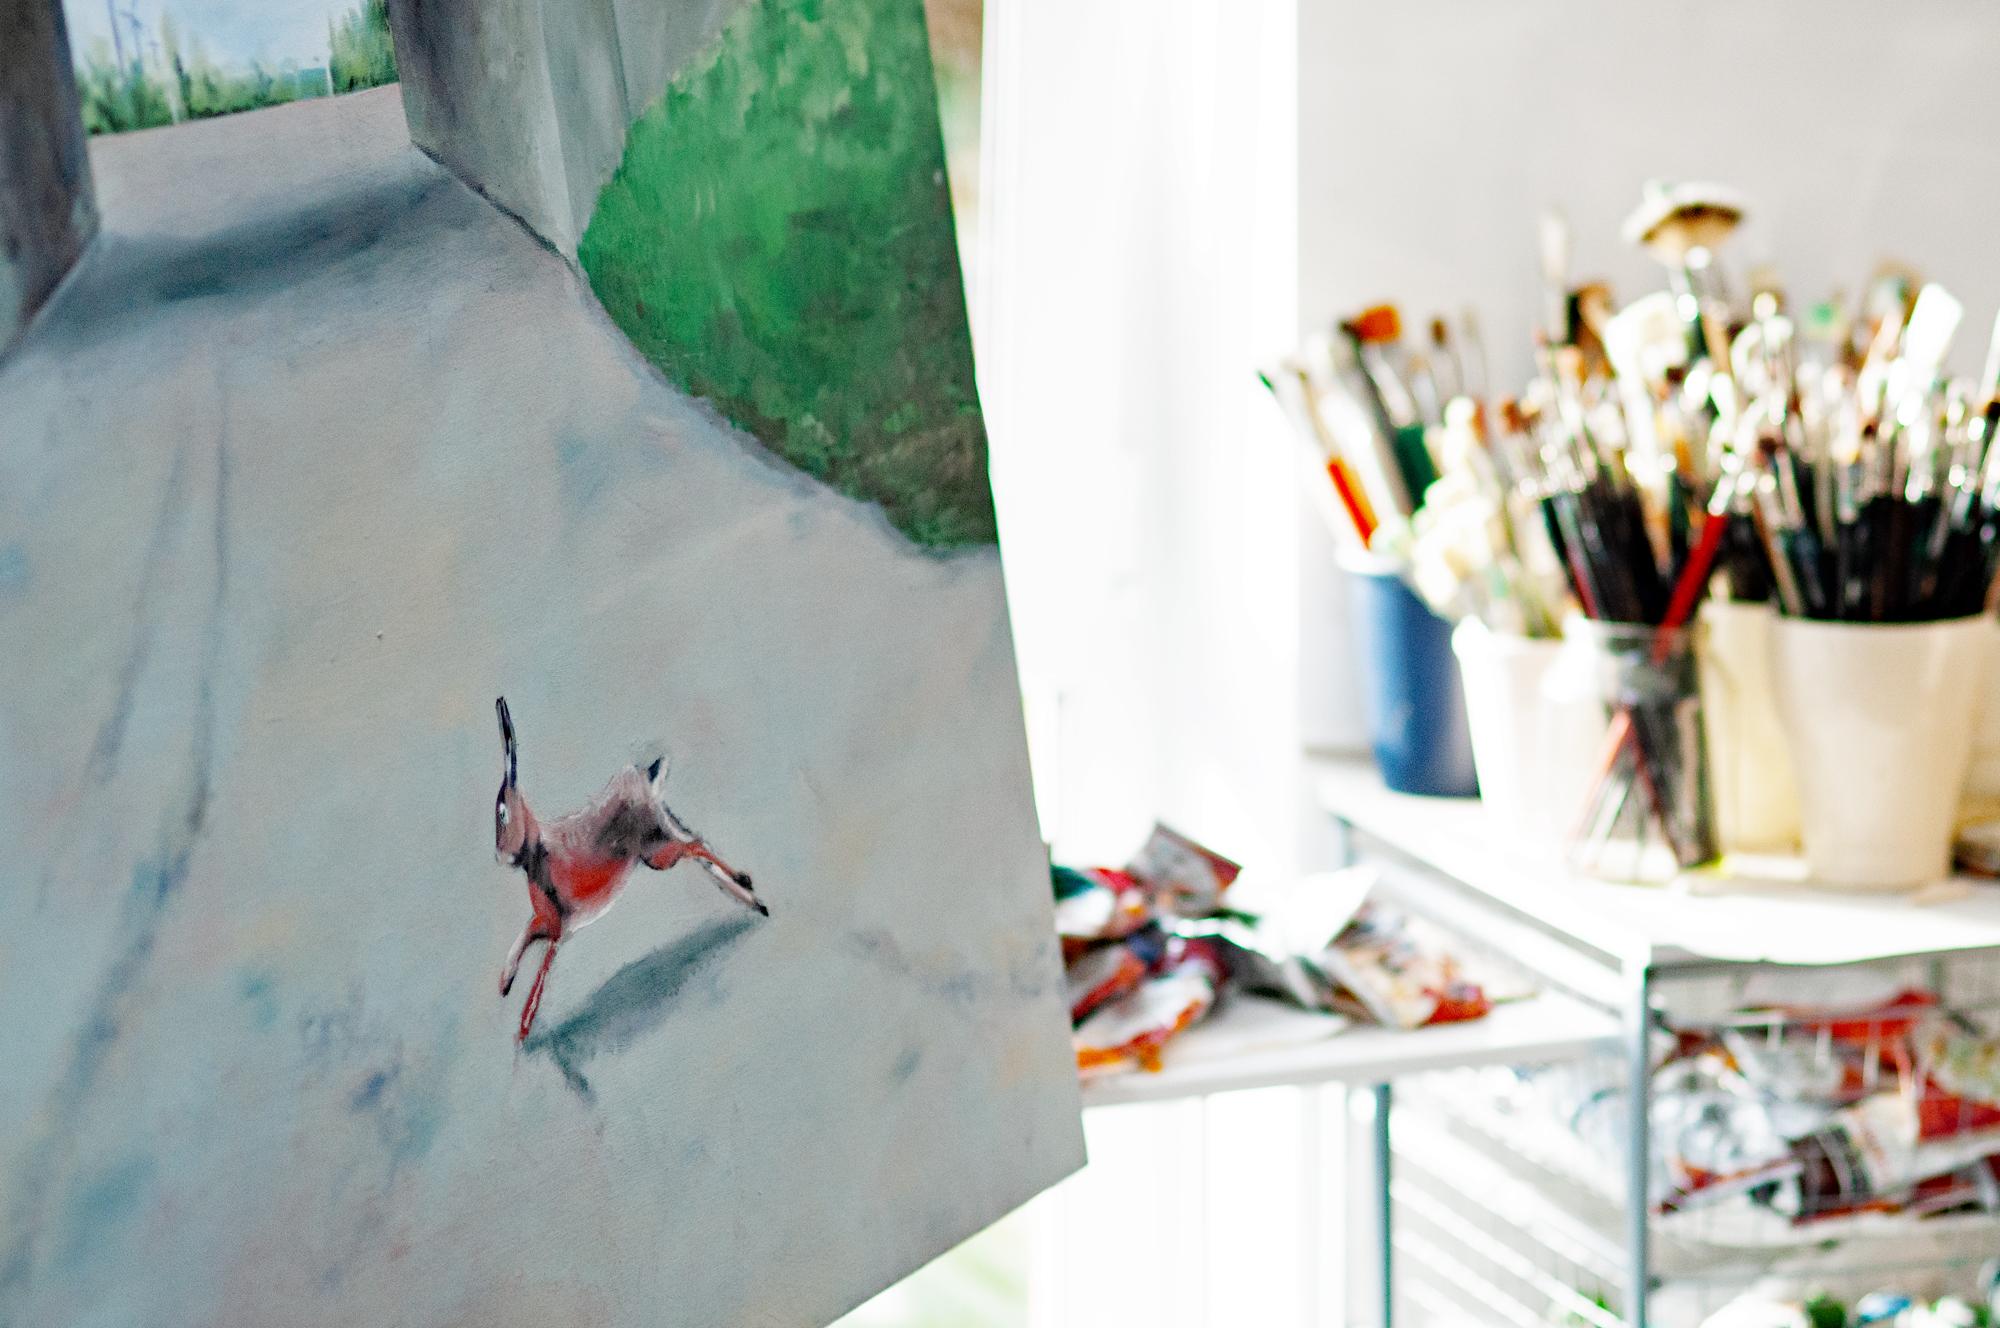 Impression aus dem Atelier von Leni Winkelmann (Foto: © 2013 Wolfgang Weßling)